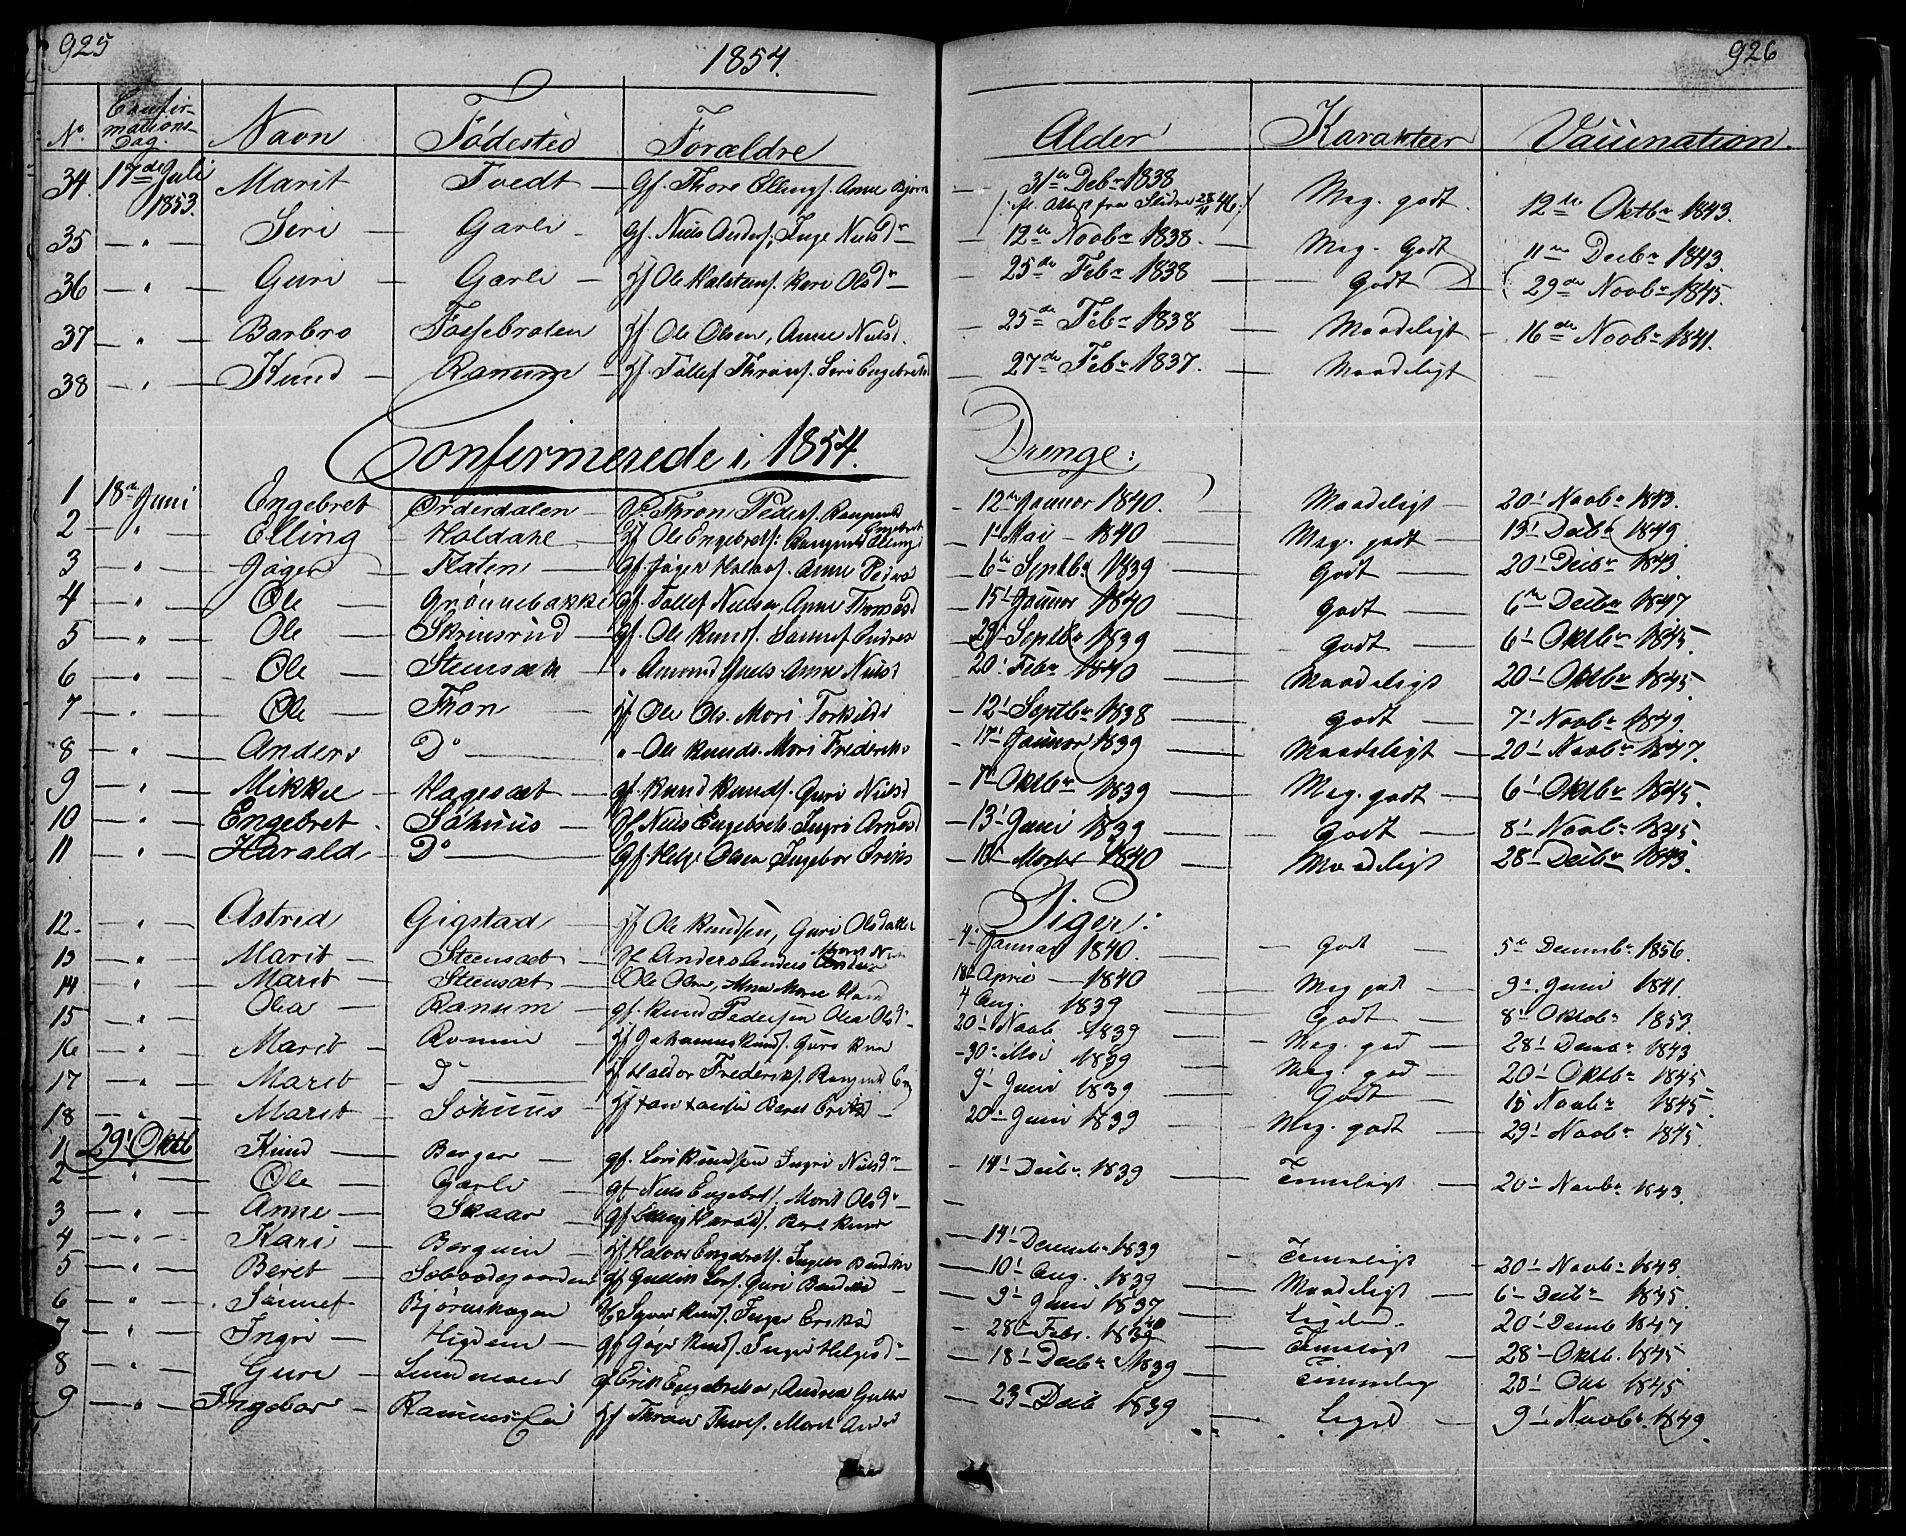 SAH, Nord-Aurdal prestekontor, Klokkerbok nr. 1, 1834-1887, s. 925-926